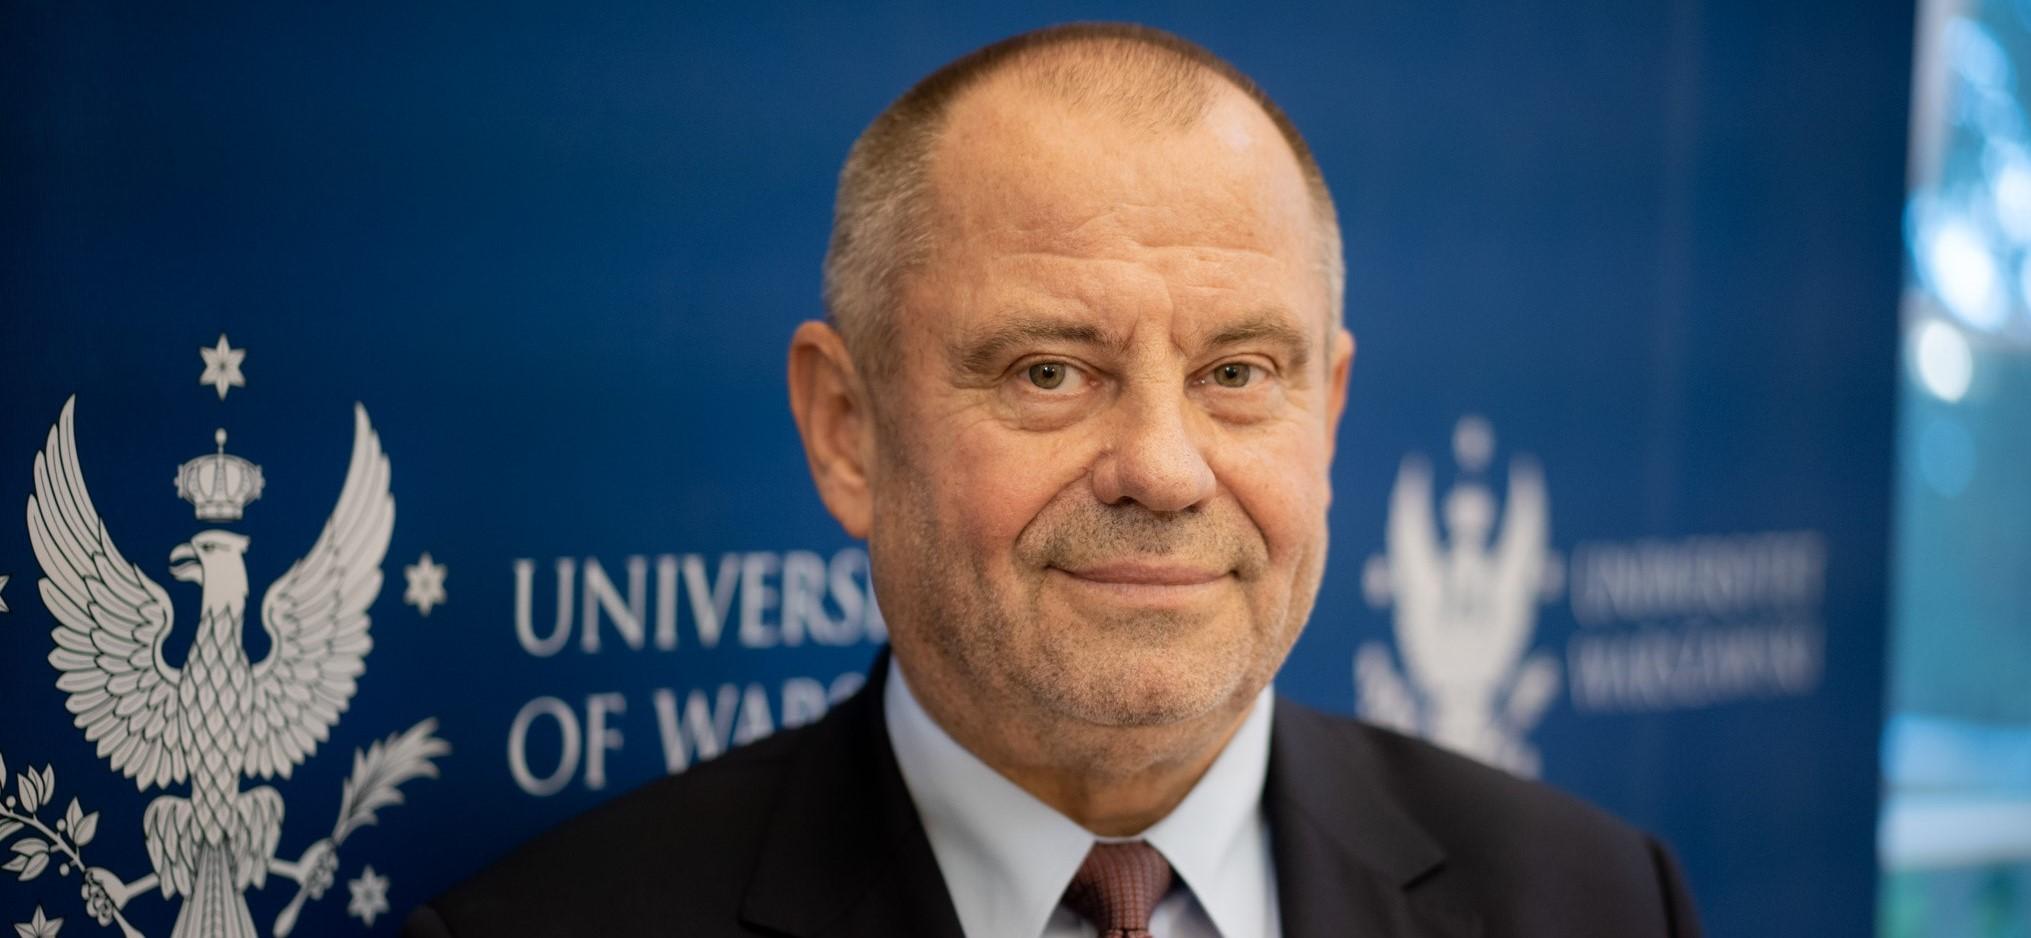 Zdjęcie prof. Alojzego Z. Nowaka, rektora UW